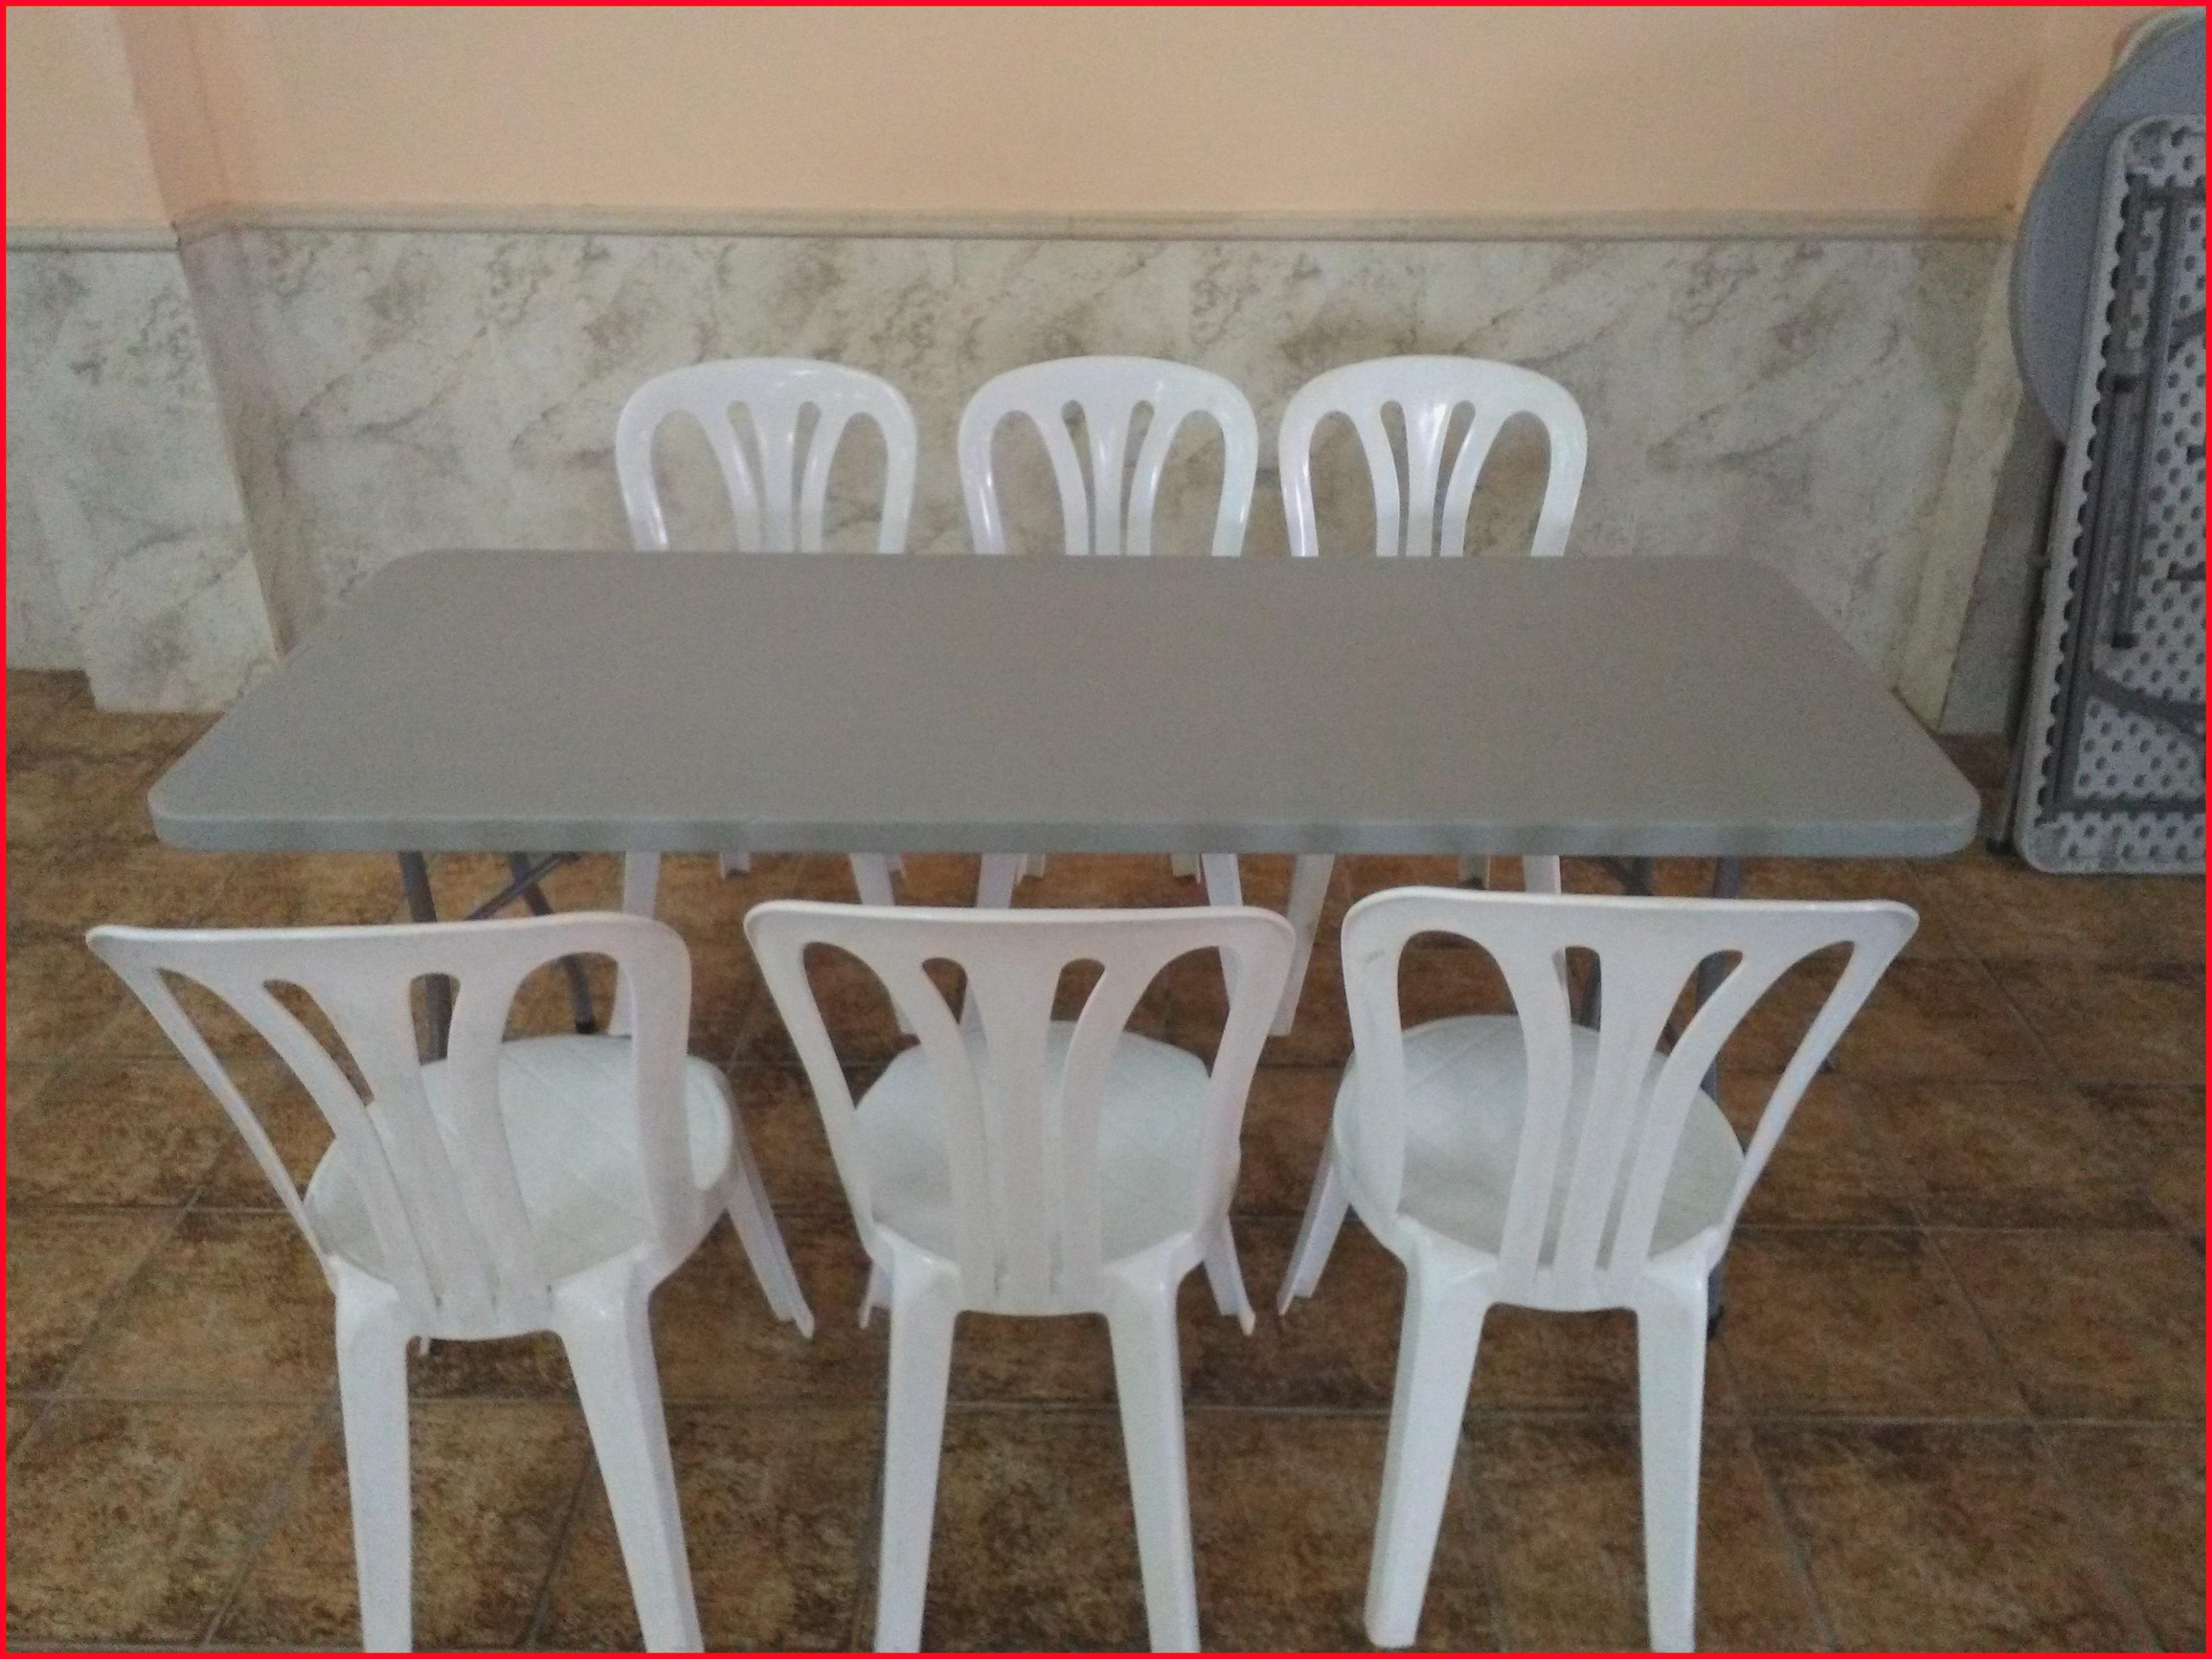 Alquiler De Mesas Y Sillas En Sevilla Kvdd Alquiler De Sillas En Sevilla Alquiler De Mesas Y Sillas En